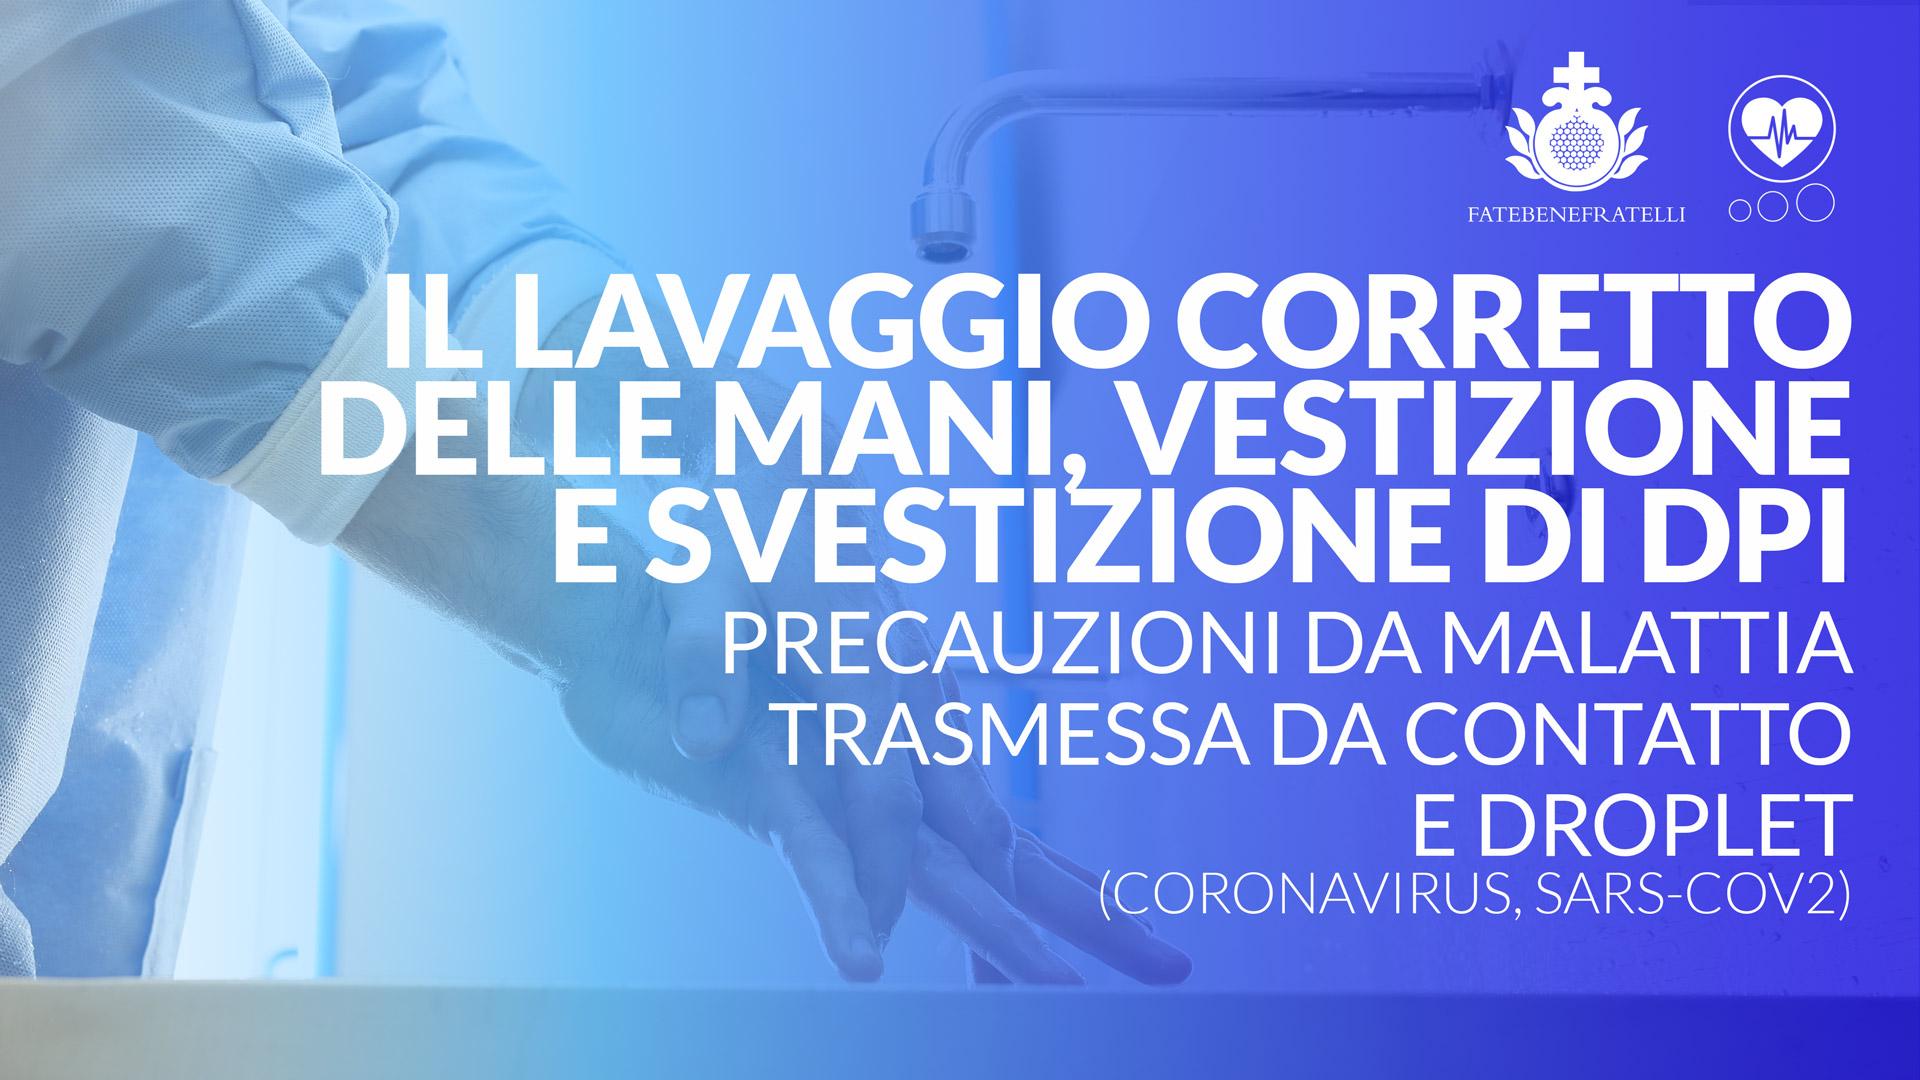 Il lavaggio corretto delle mani, vestizione e svestizione di DPI.  Precauzioni da malattia trasmessa da contatto e Droplet (Coronavirus, SARS-CoV2)